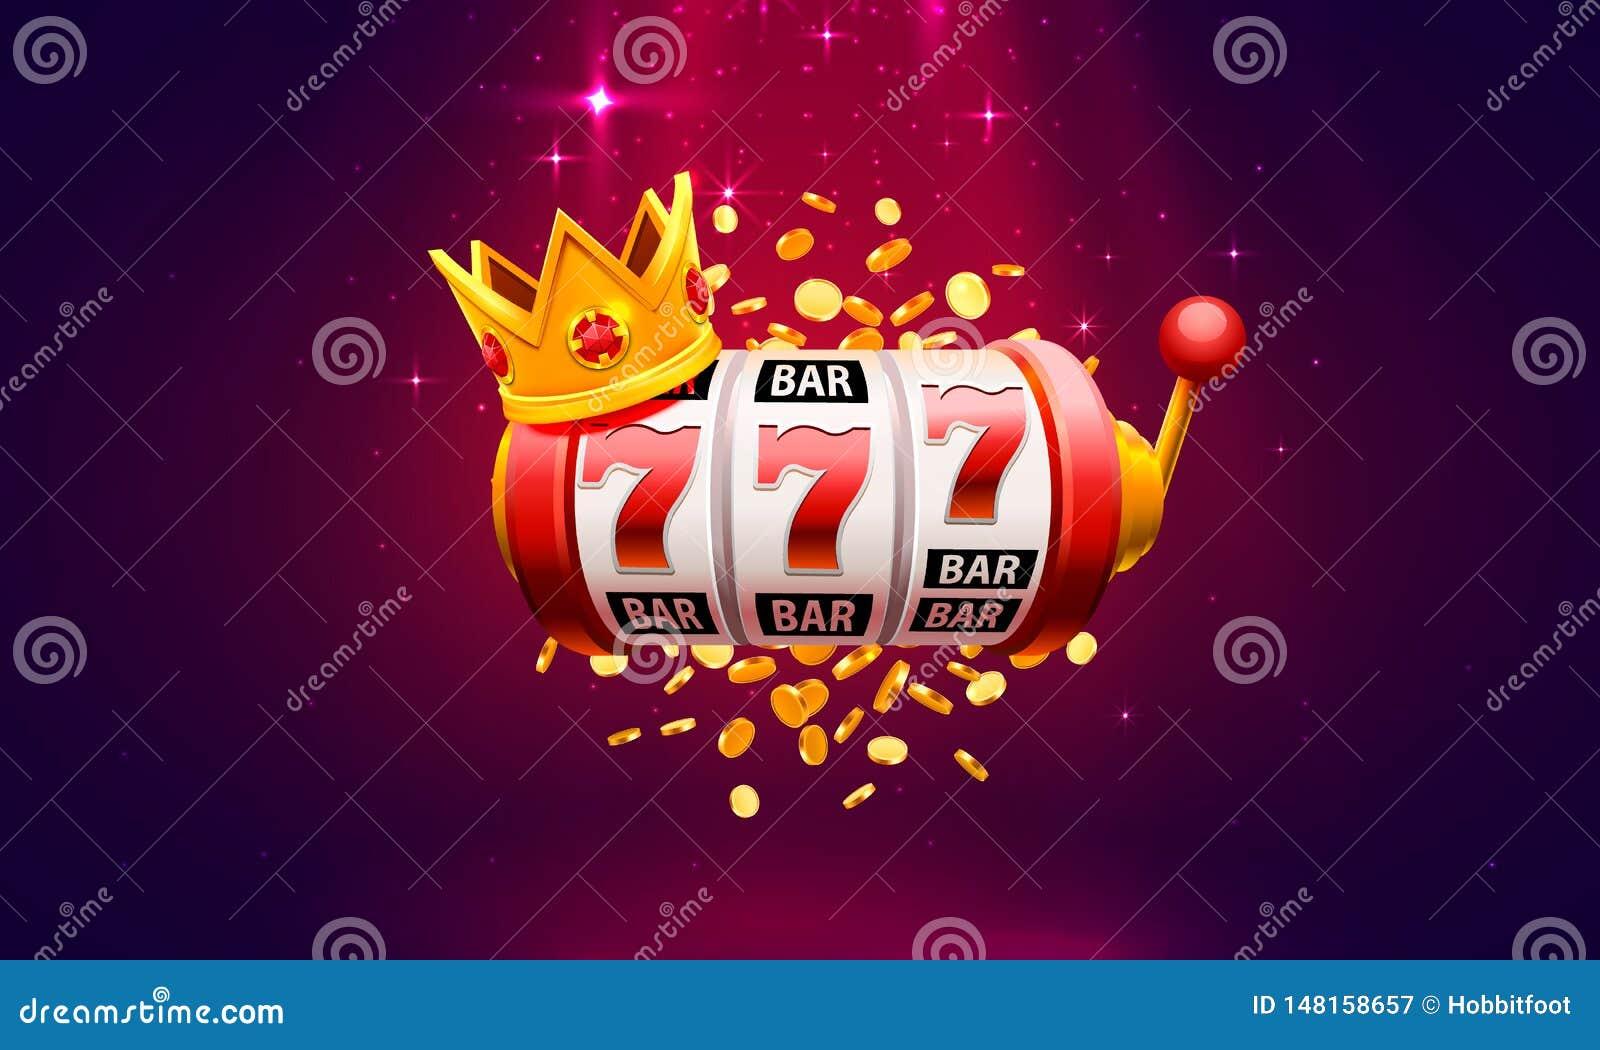 Новое казино 777 ограбление казино смотреть онлайн без регистрации в хорошем качестве нд